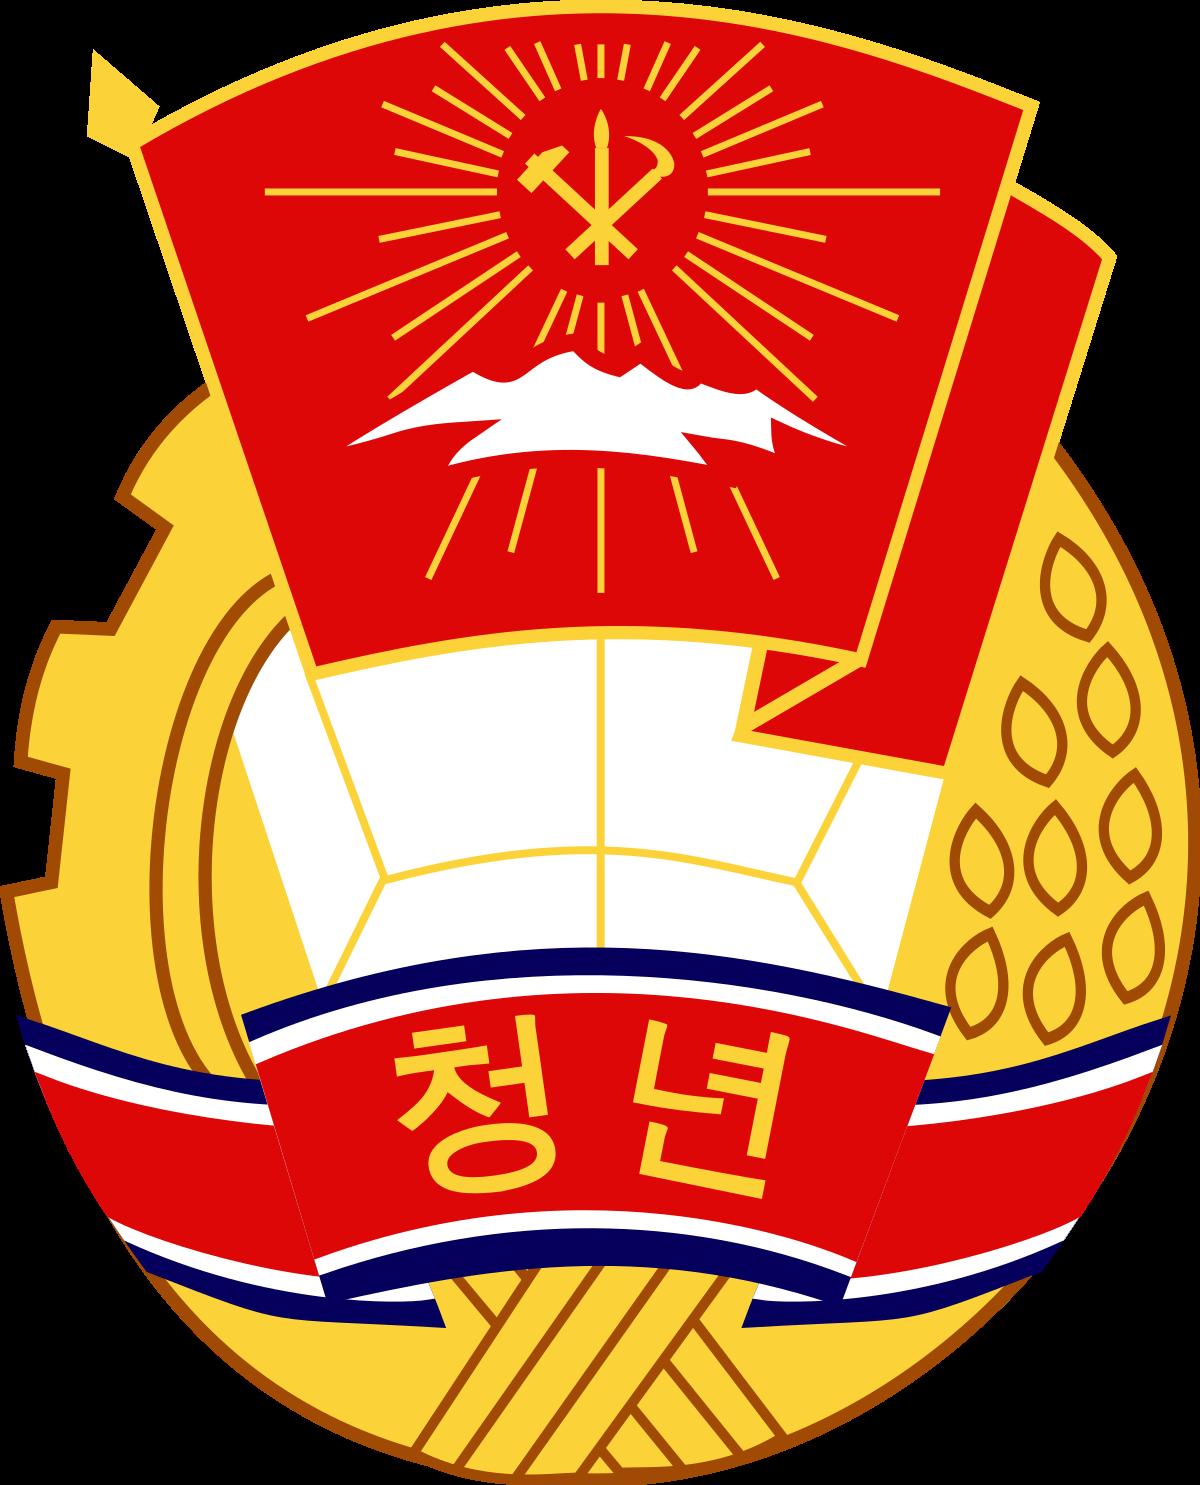 Hình ảnh logo đoàn thanh niên Kim Nhật